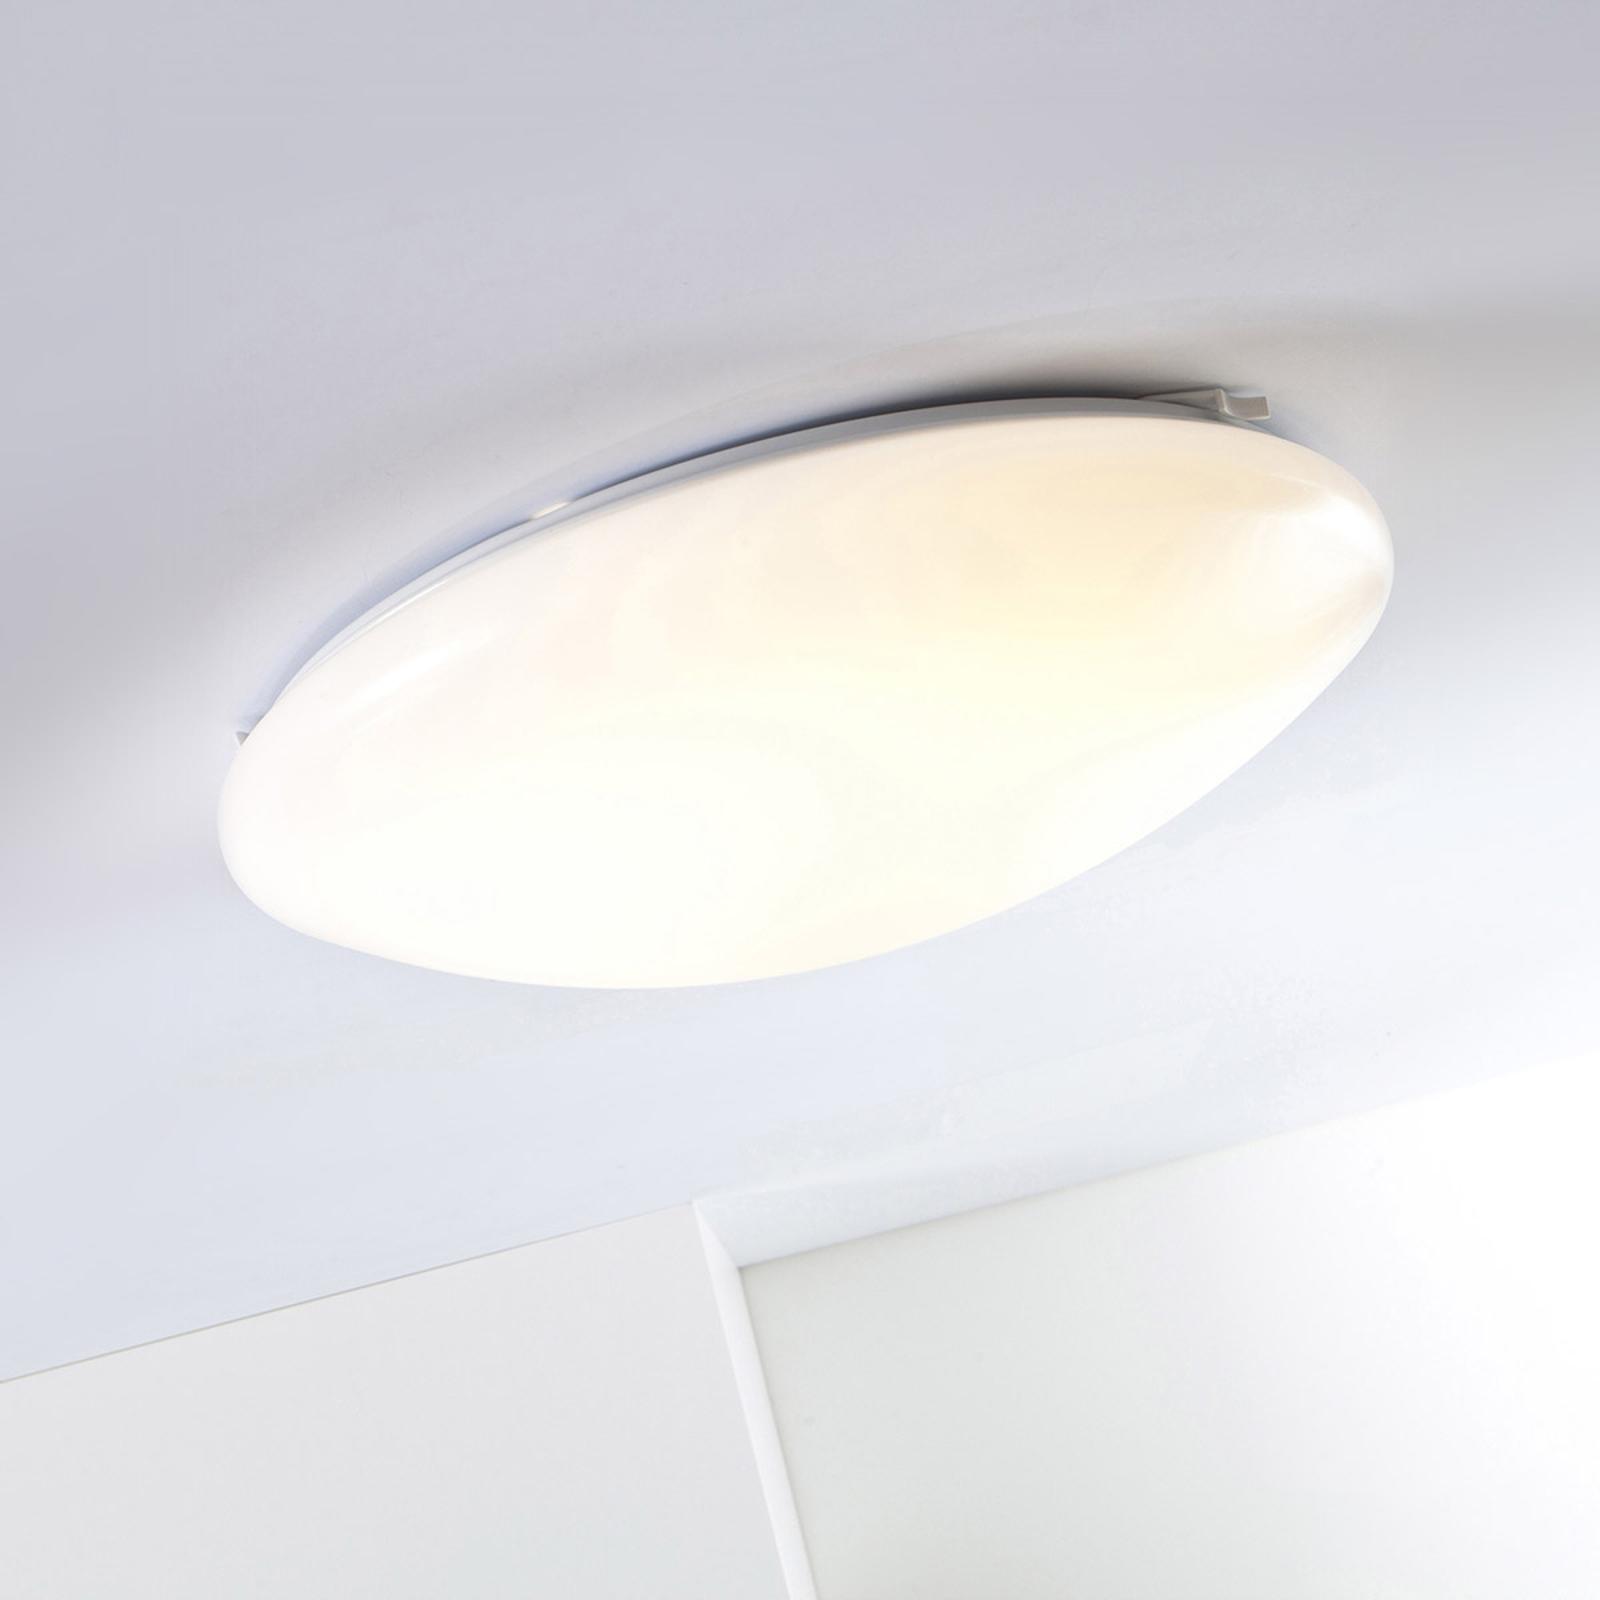 LED Basic rund loftslampe fra AEG, 14 W